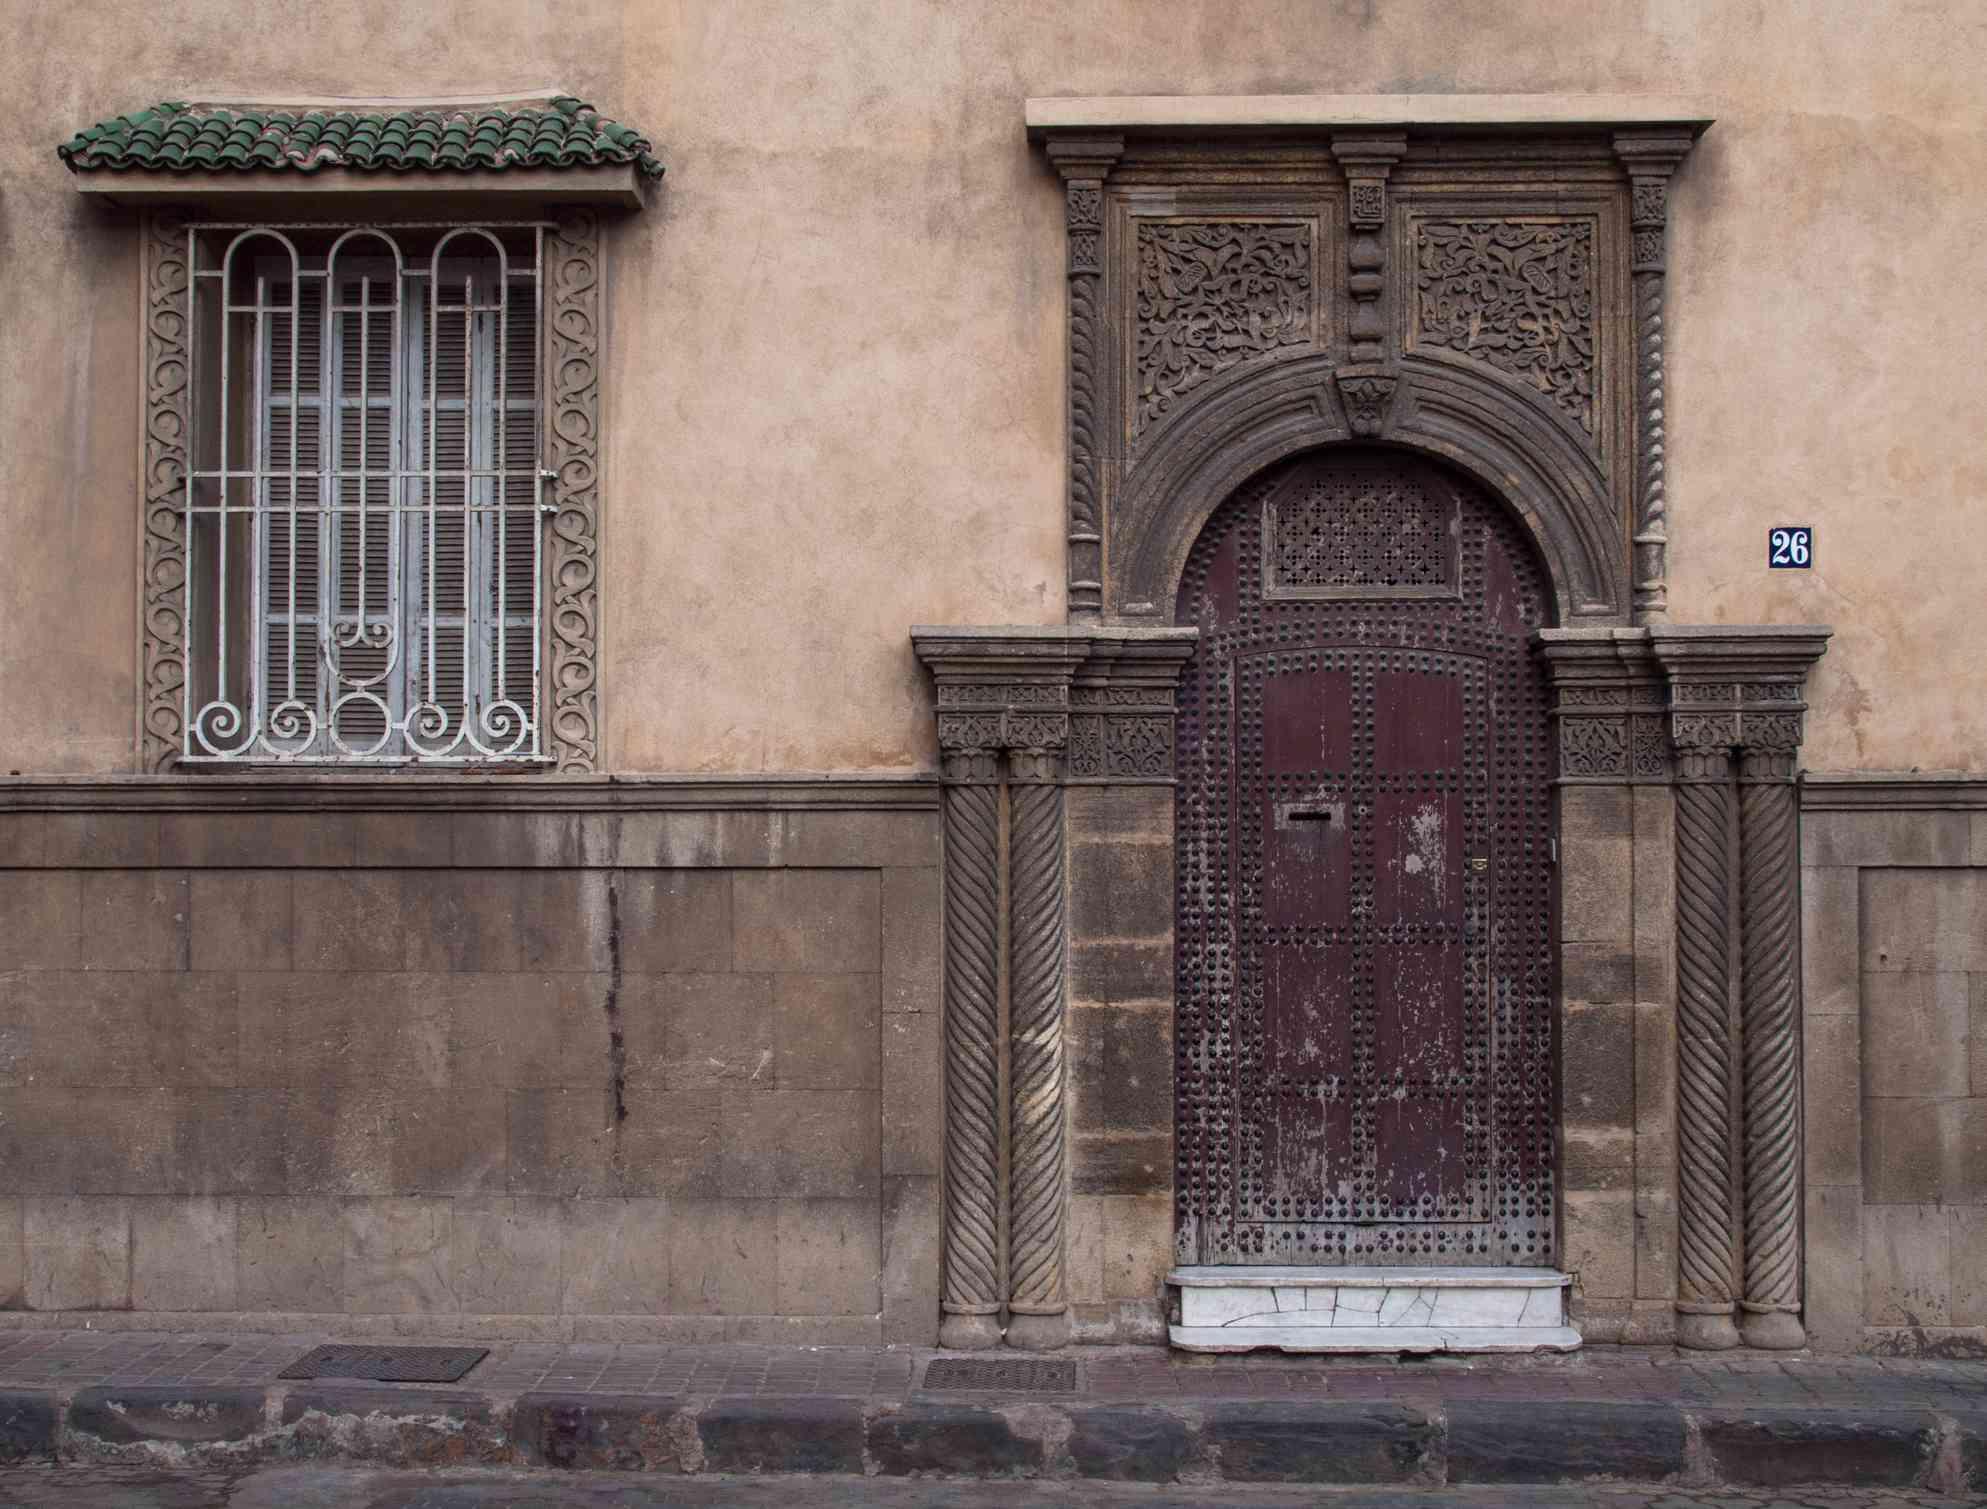 Old doorway in the medina of Casablanca